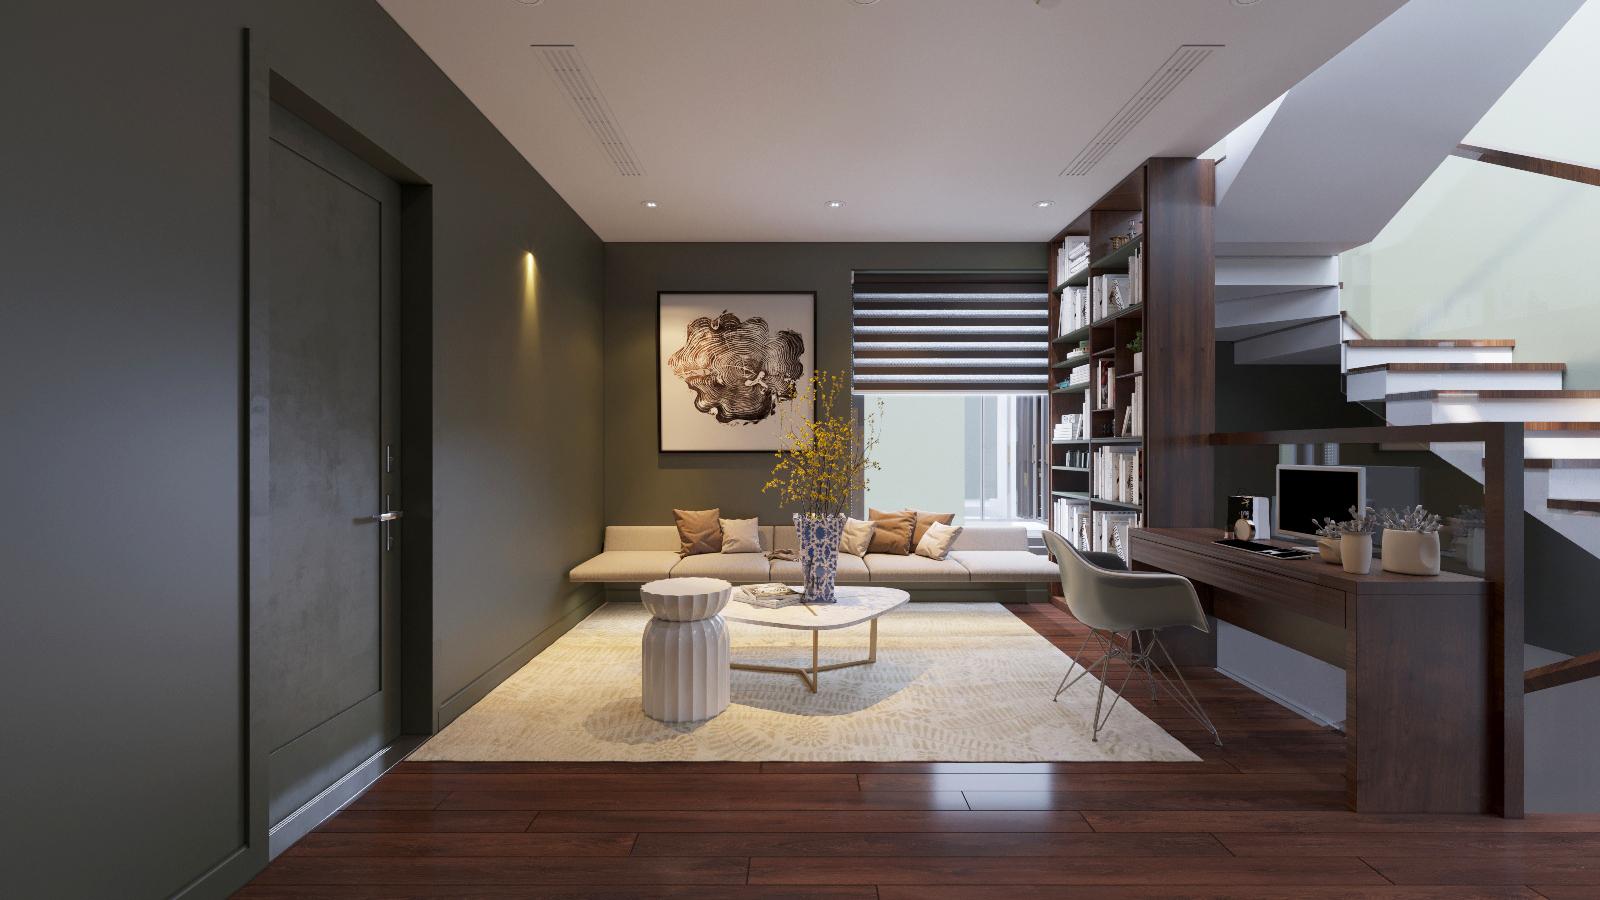 thiết kế Nội thất Biệt Thự 3 tầng biệt thự bt25 splendora mới (lakeside splendora)248